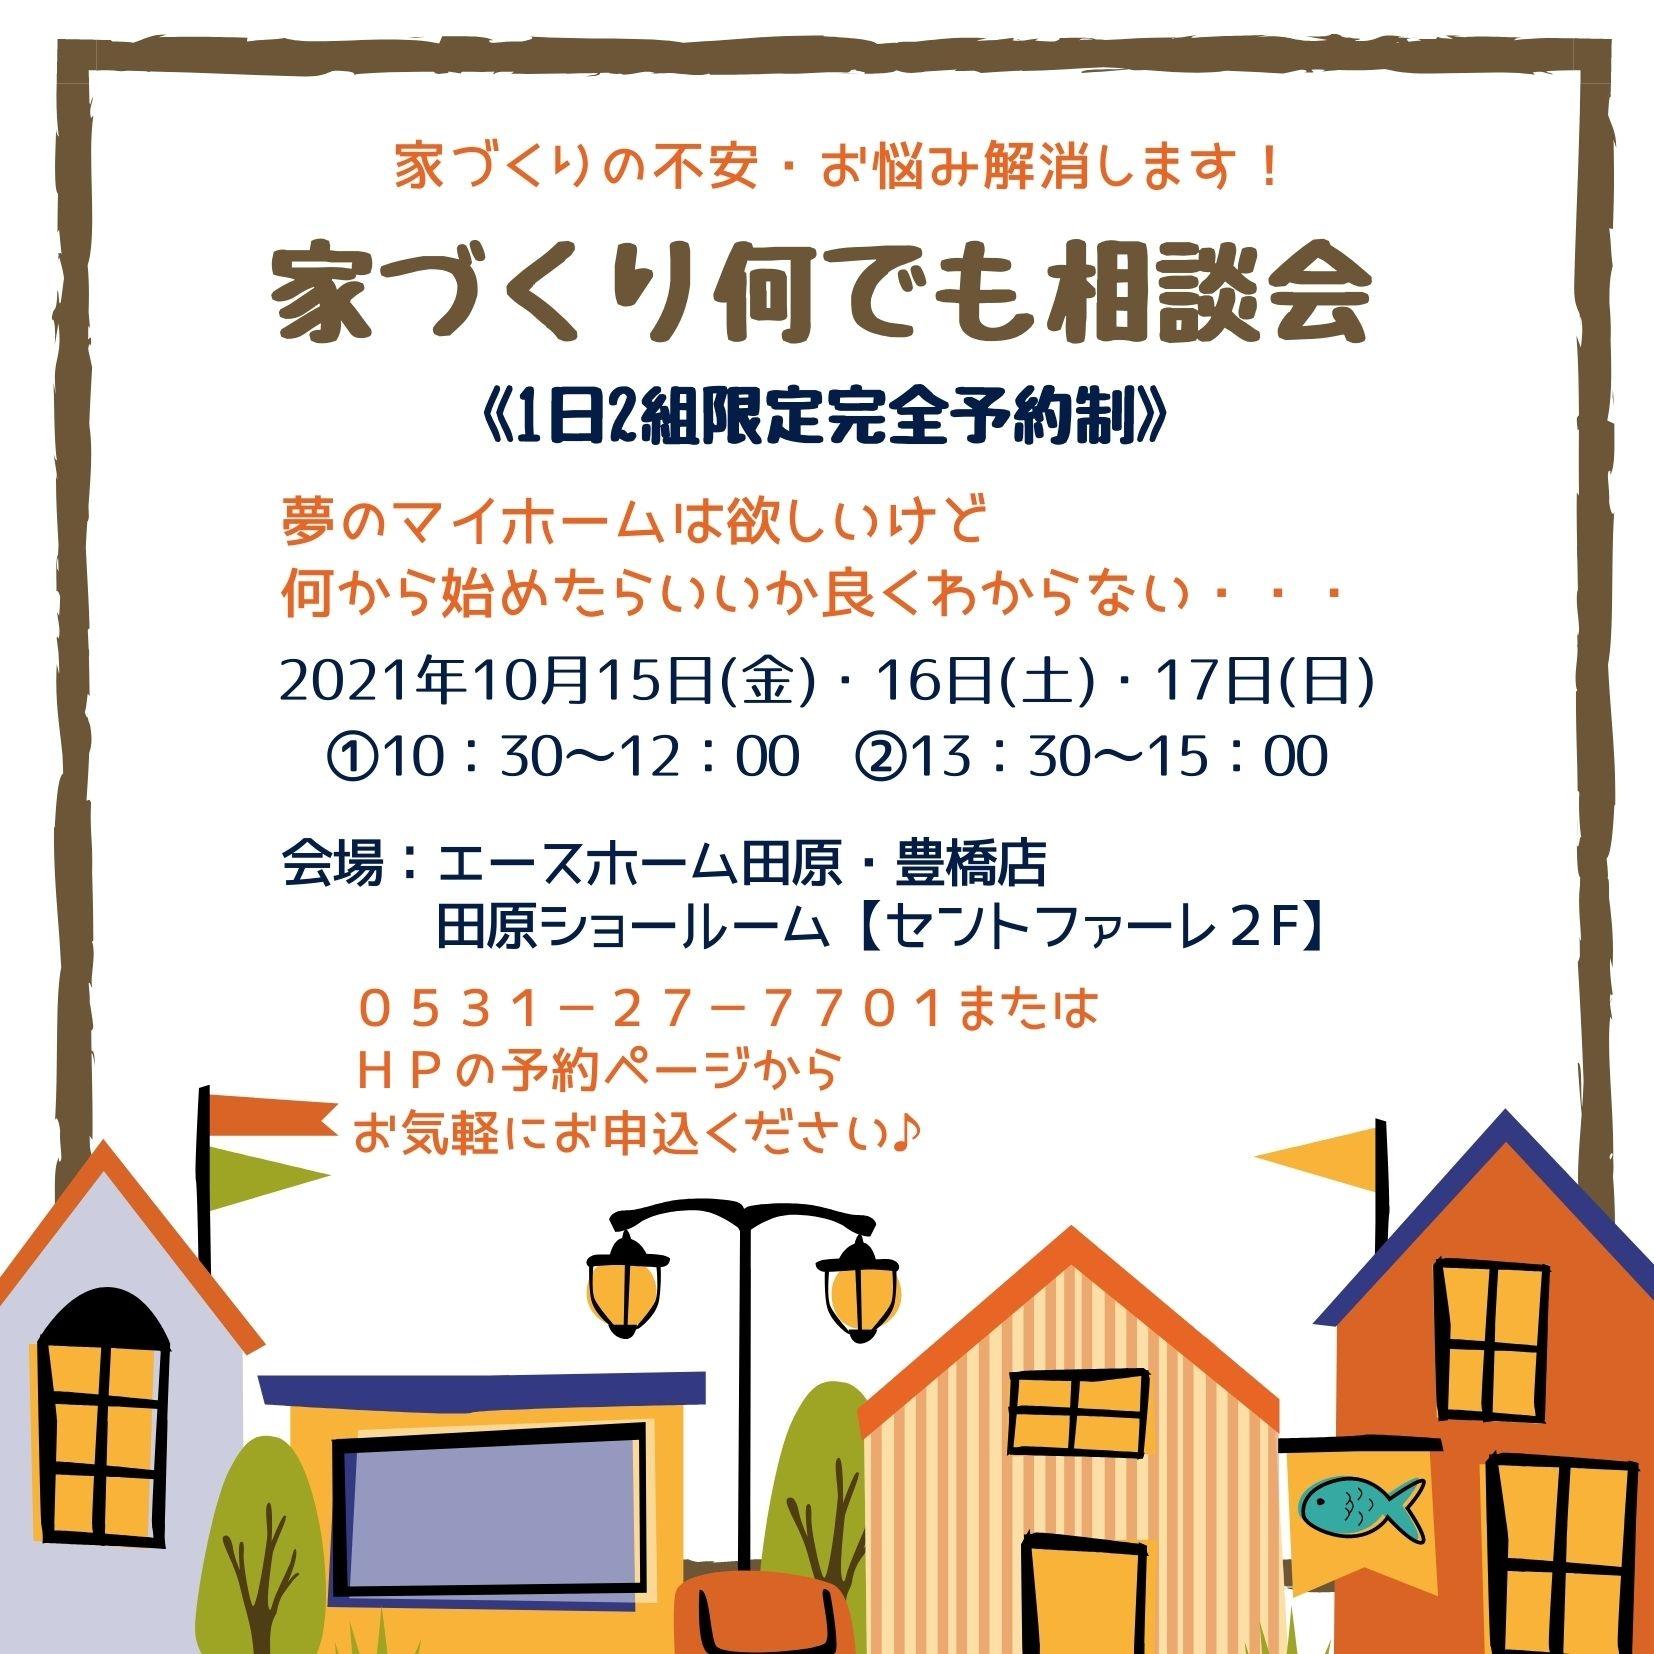 家づくりまるわかりセミナー (3).jpg